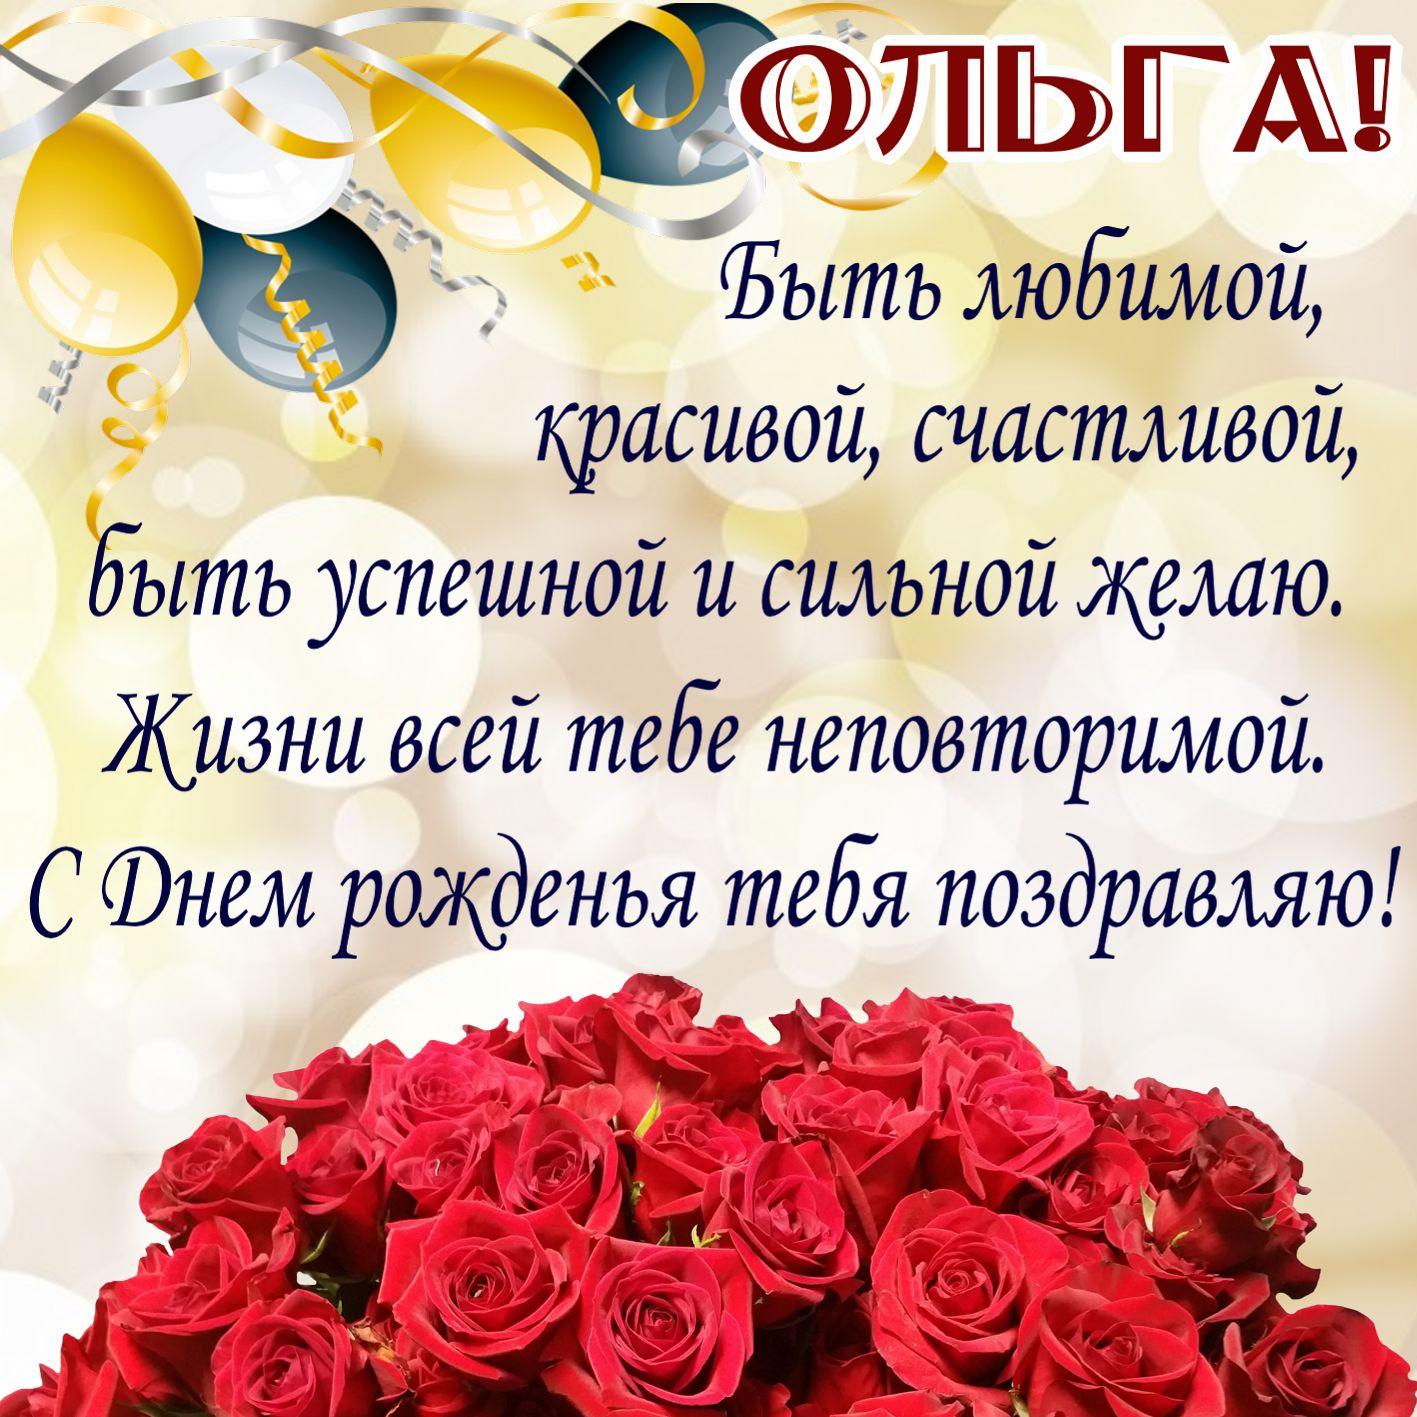 Пожелание и розы Ольге на День рождения